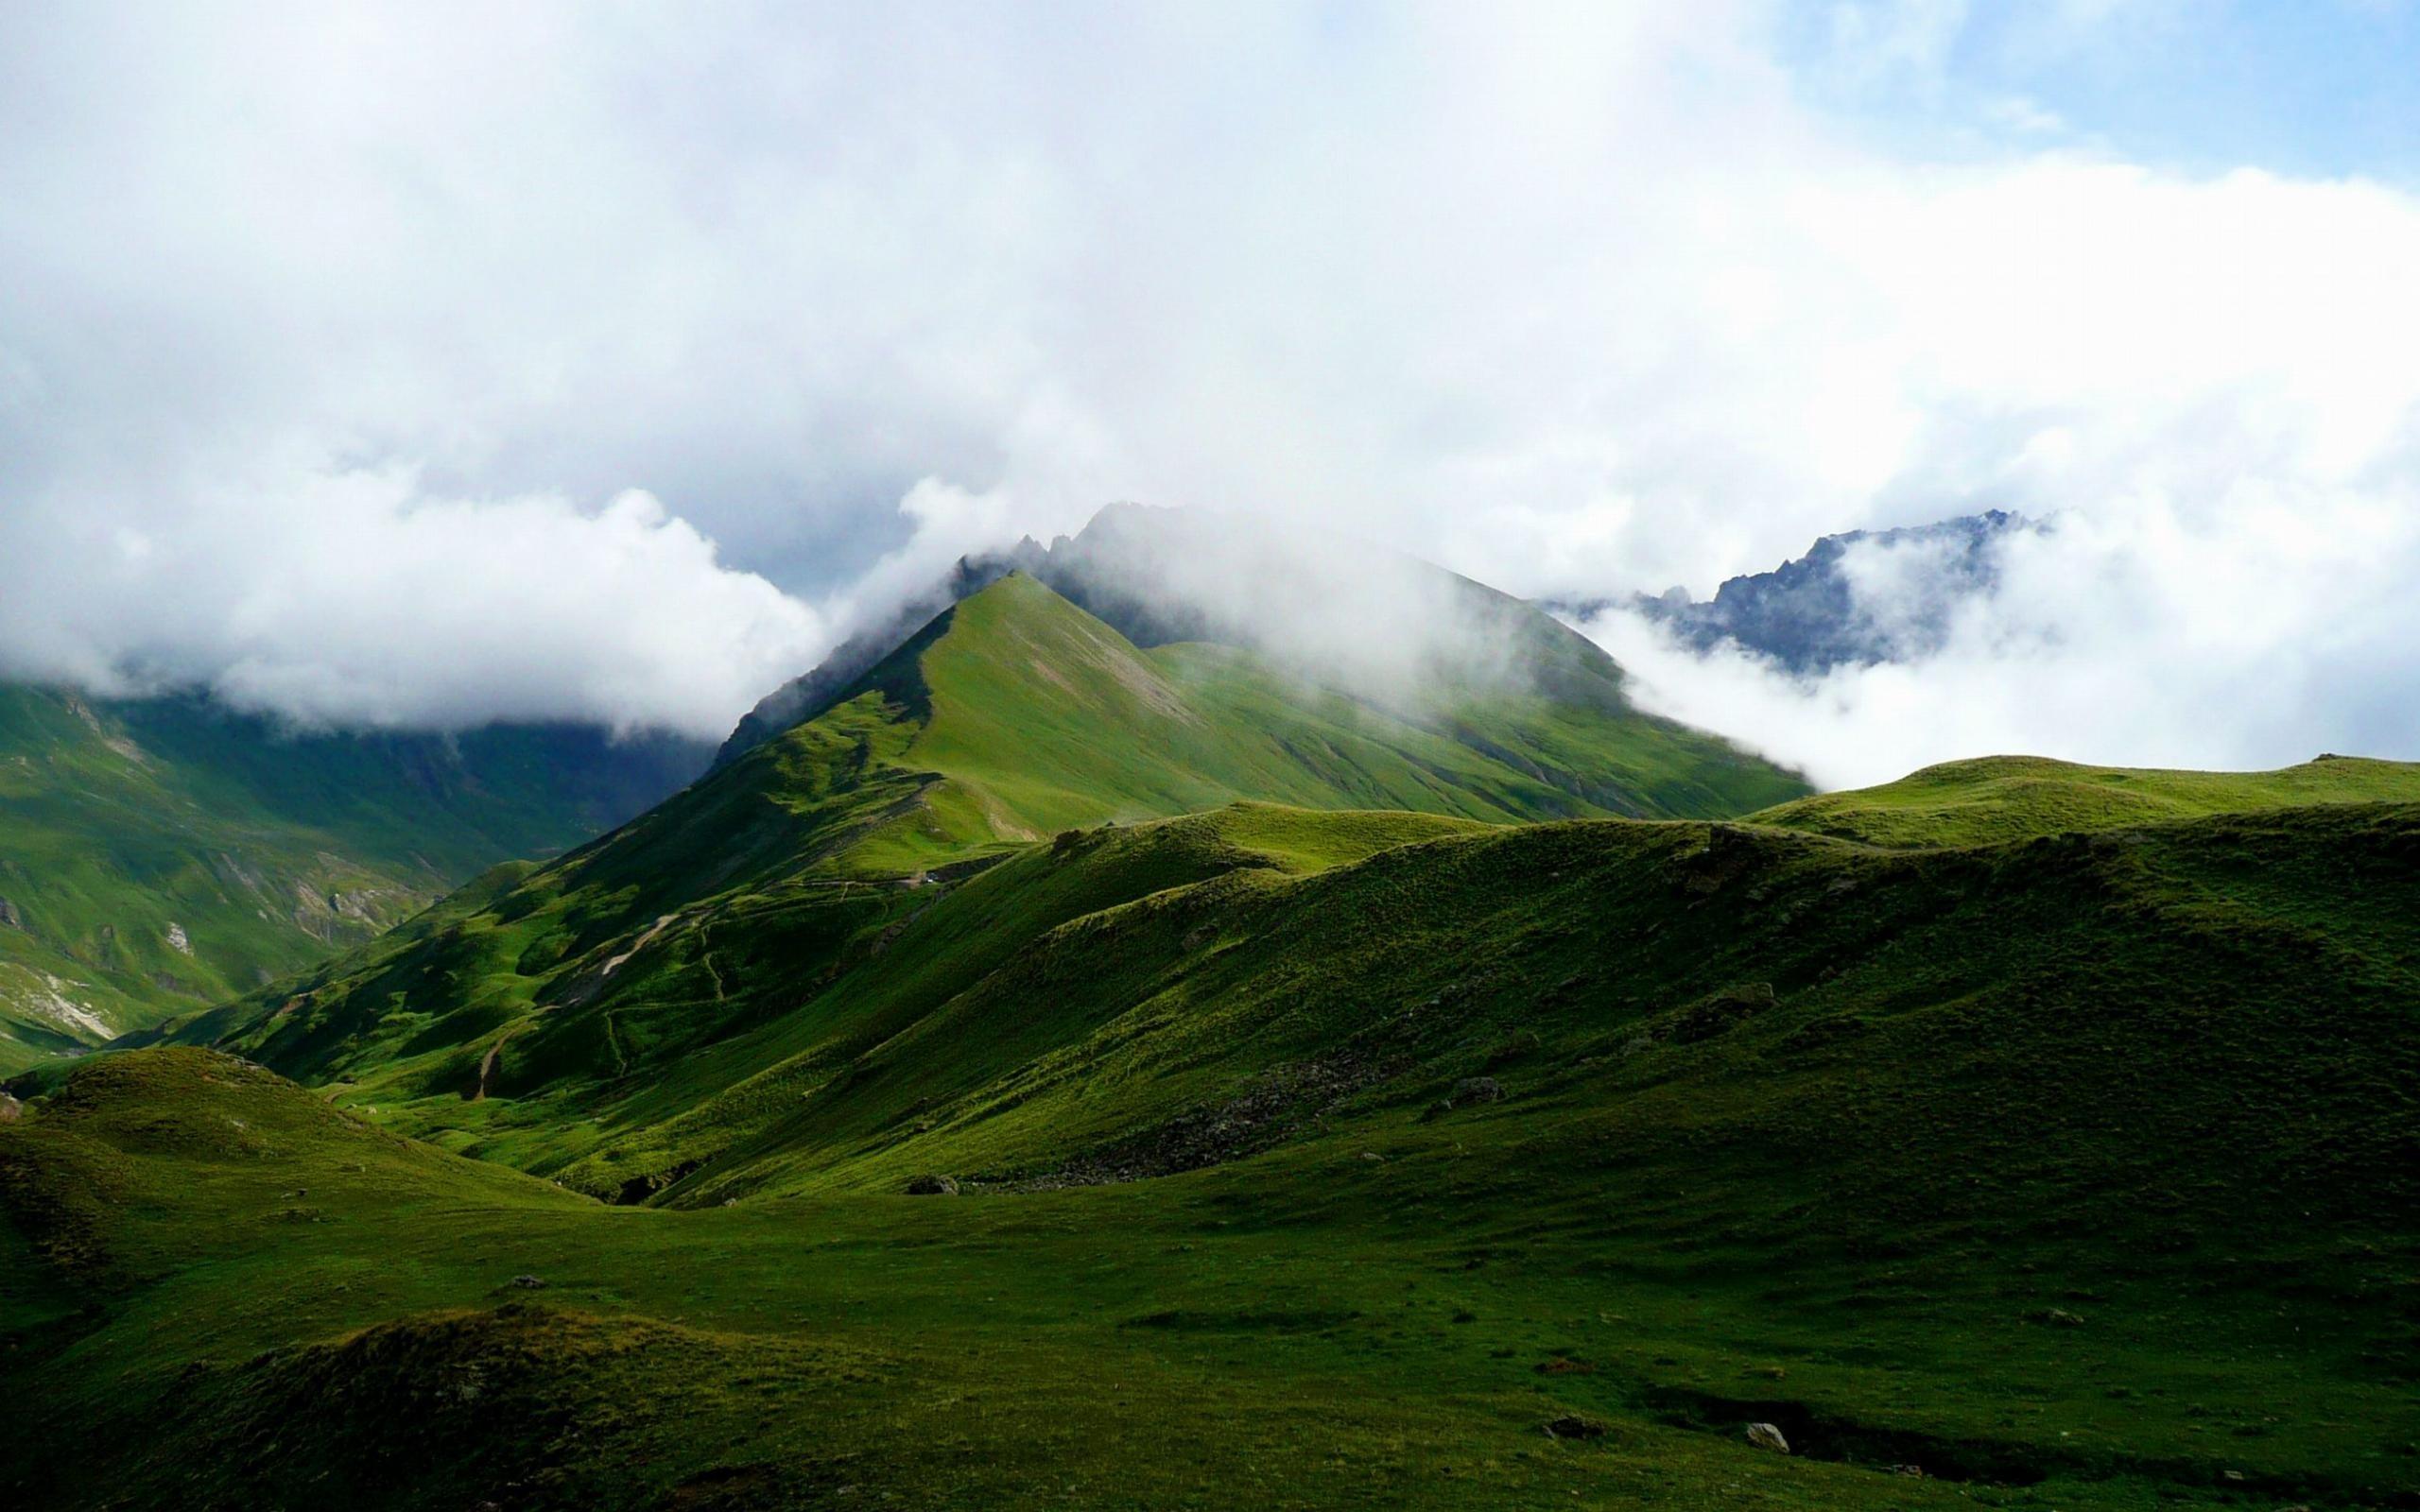 mountain cloud alps france nature landscape wallpaper